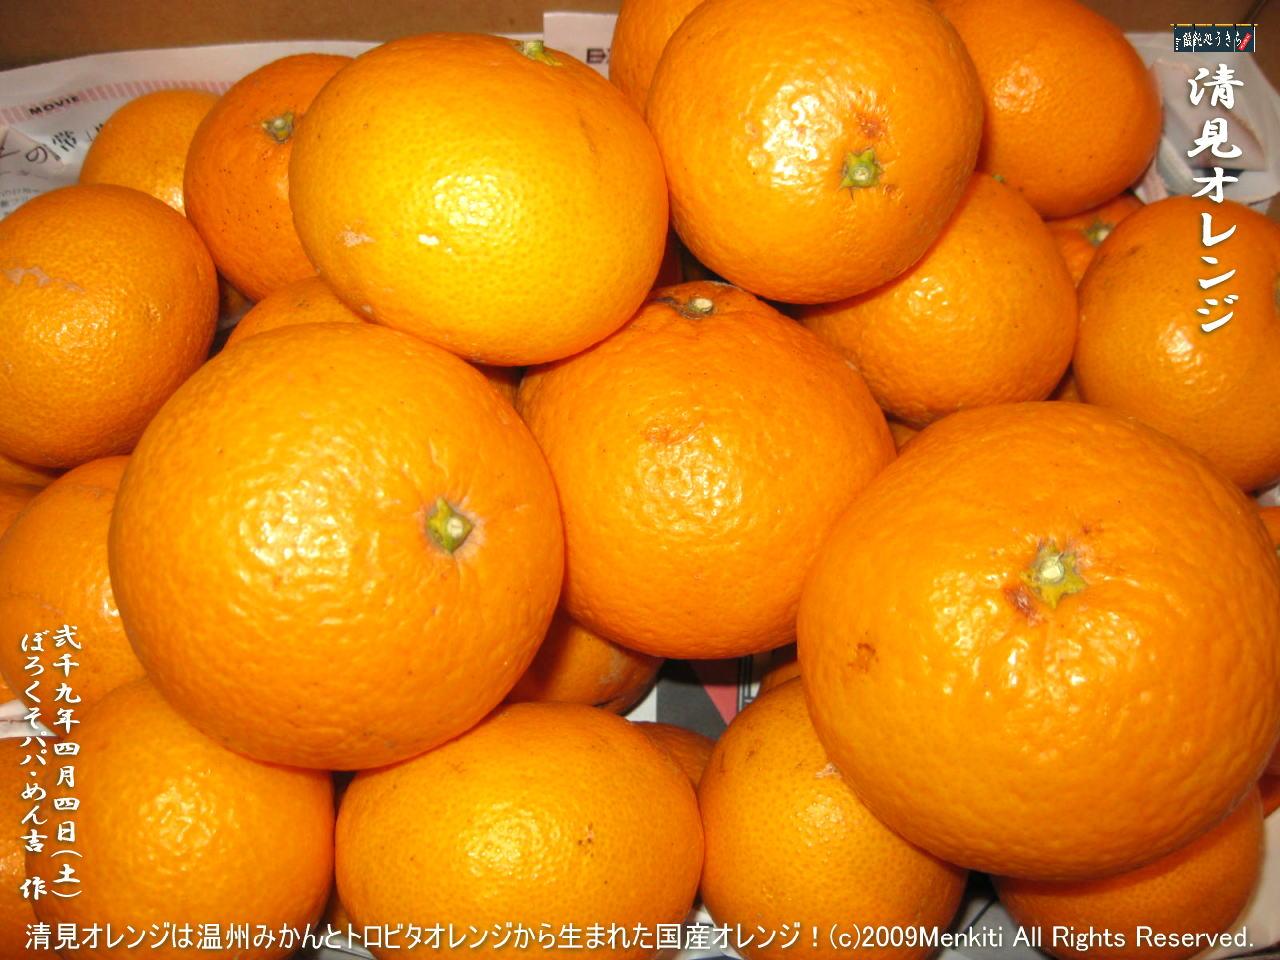 4/4(土)【清見オレンジ】清見オレンジは温州みかんとトロビタオレンジから生まれた国産オレンジ!@キャツピ&めん吉の【ぼろくそパパの独り言】    ▼クリックで1280x960pxlsに拡大します。